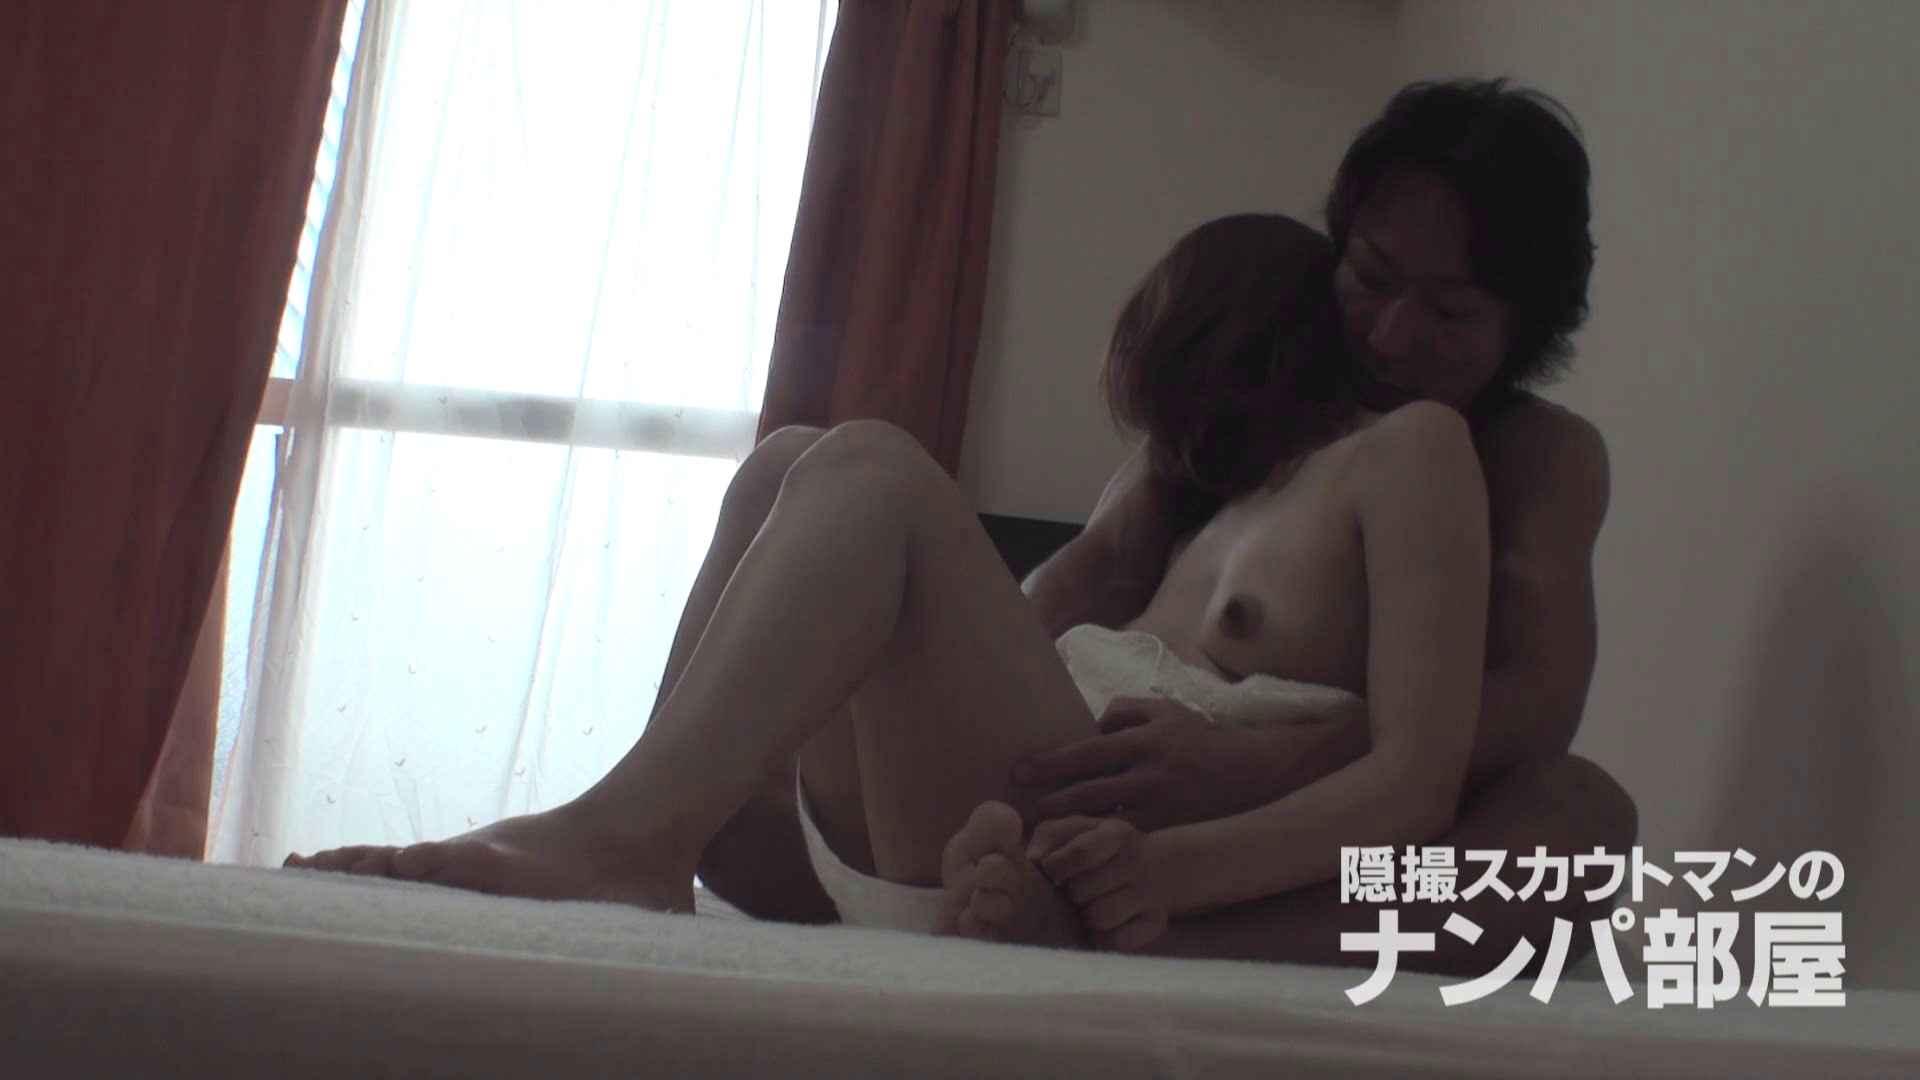 隠撮スカウトマンのナンパ部屋~風俗デビュー前のつまみ食い~ sii 脱衣所 | 隠撮  68画像 52